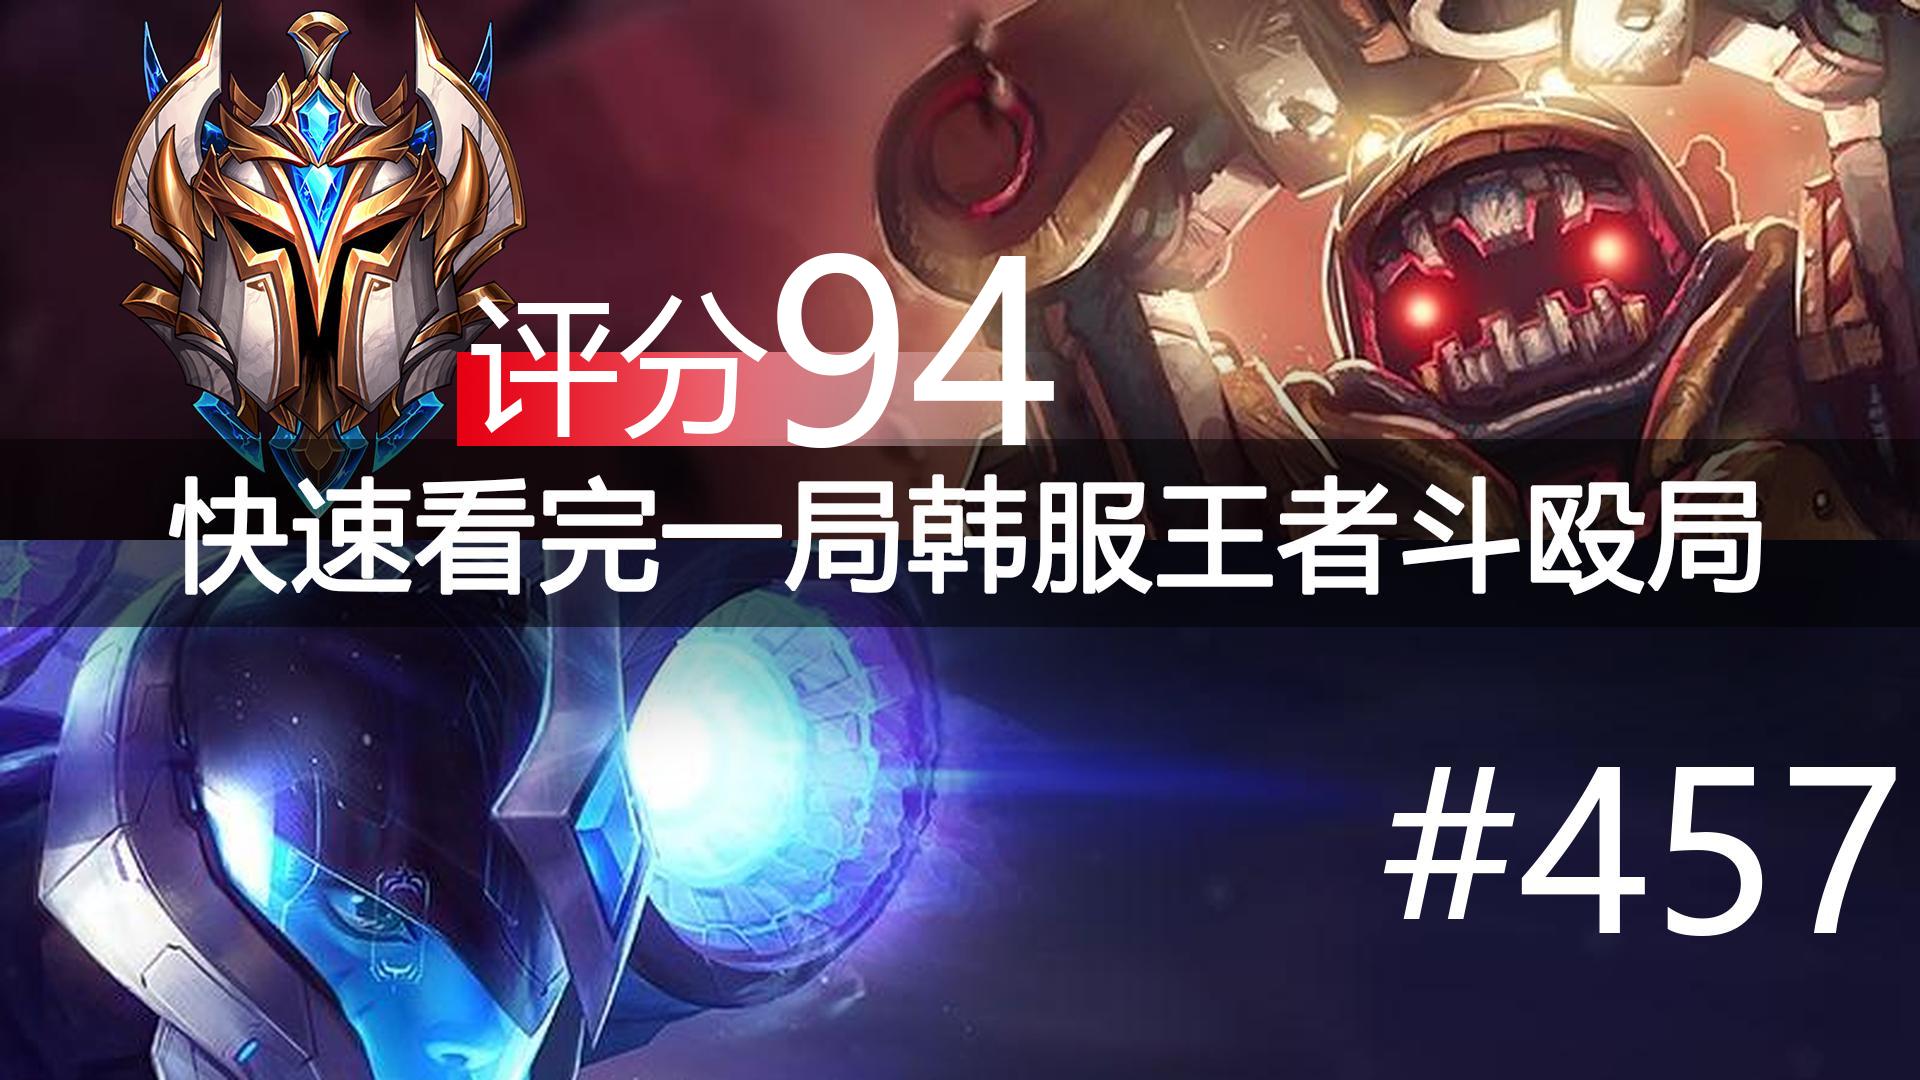 快速看完一局韩服王者斗殴局#457 Xiaozhabi,xiao7,Tempt,Bigshot